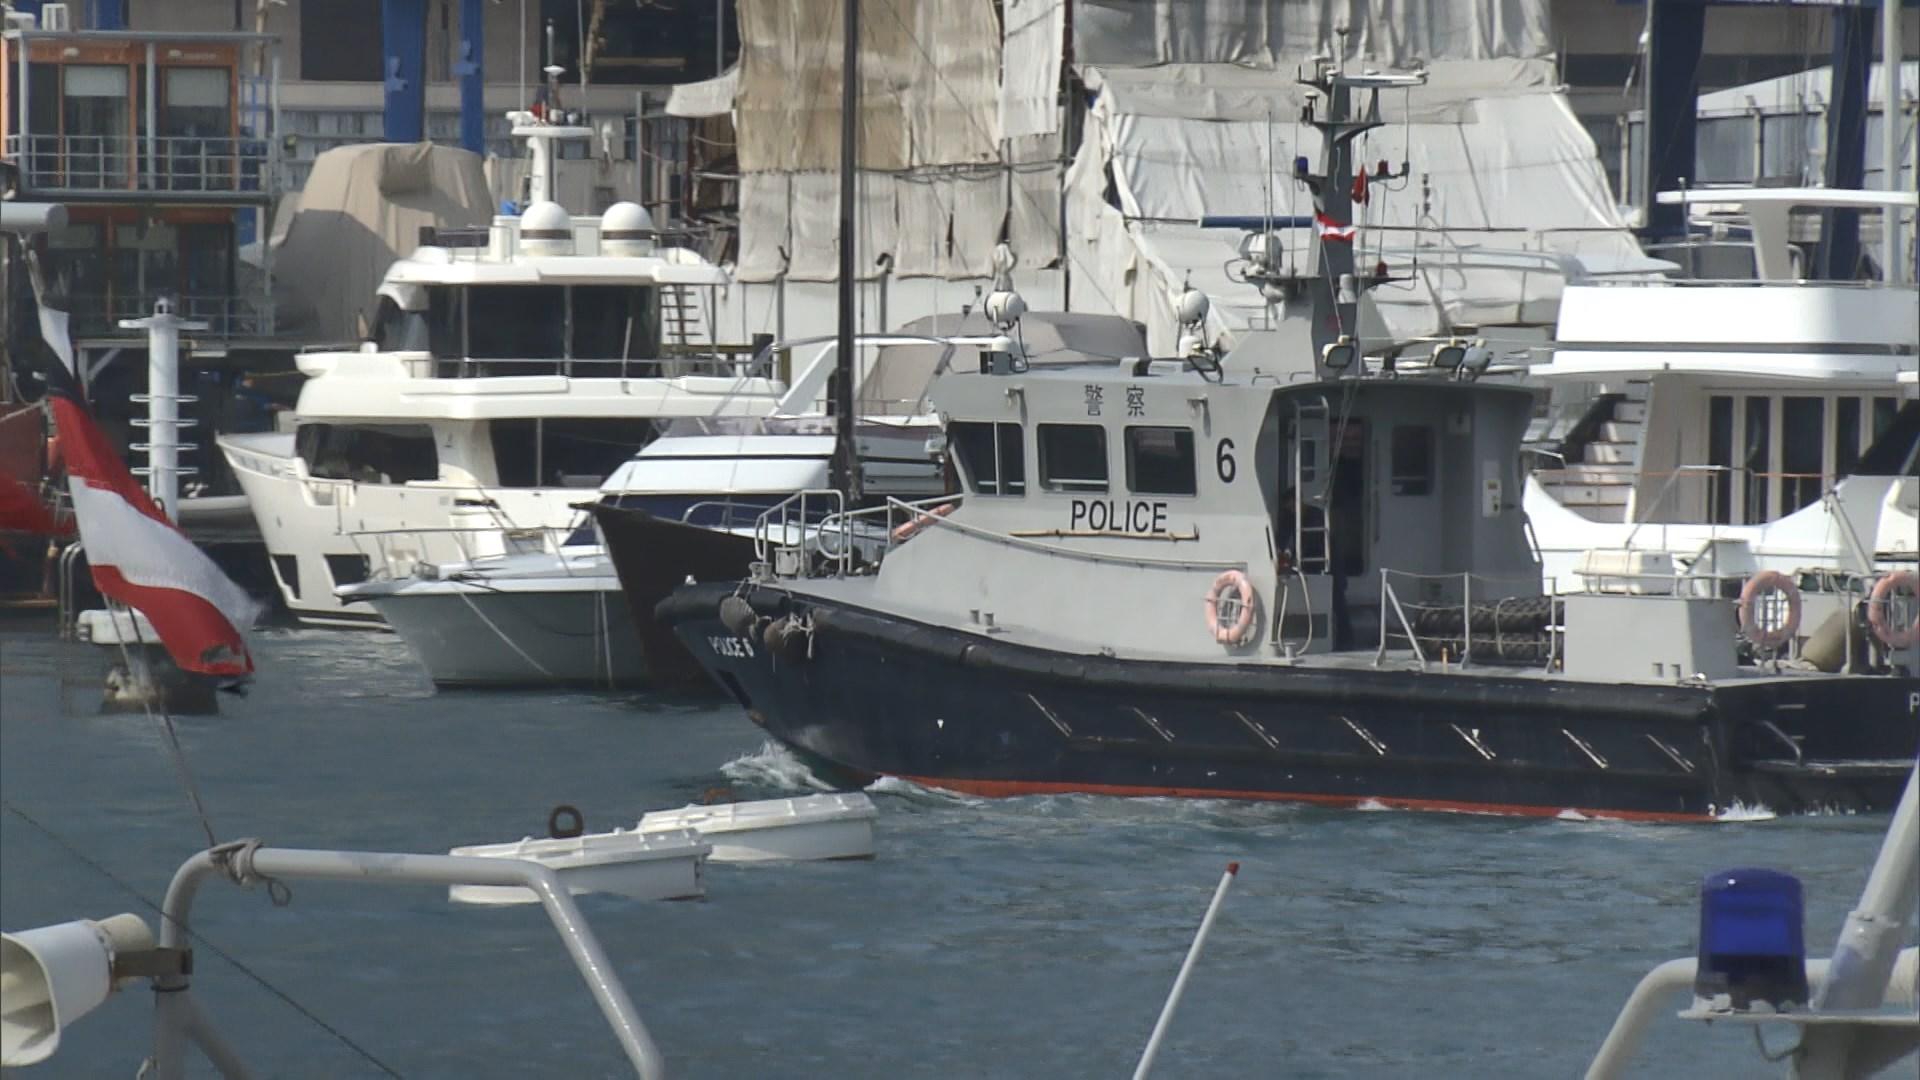 南丫島對開公海漁船被撞沉 疑有人失蹤